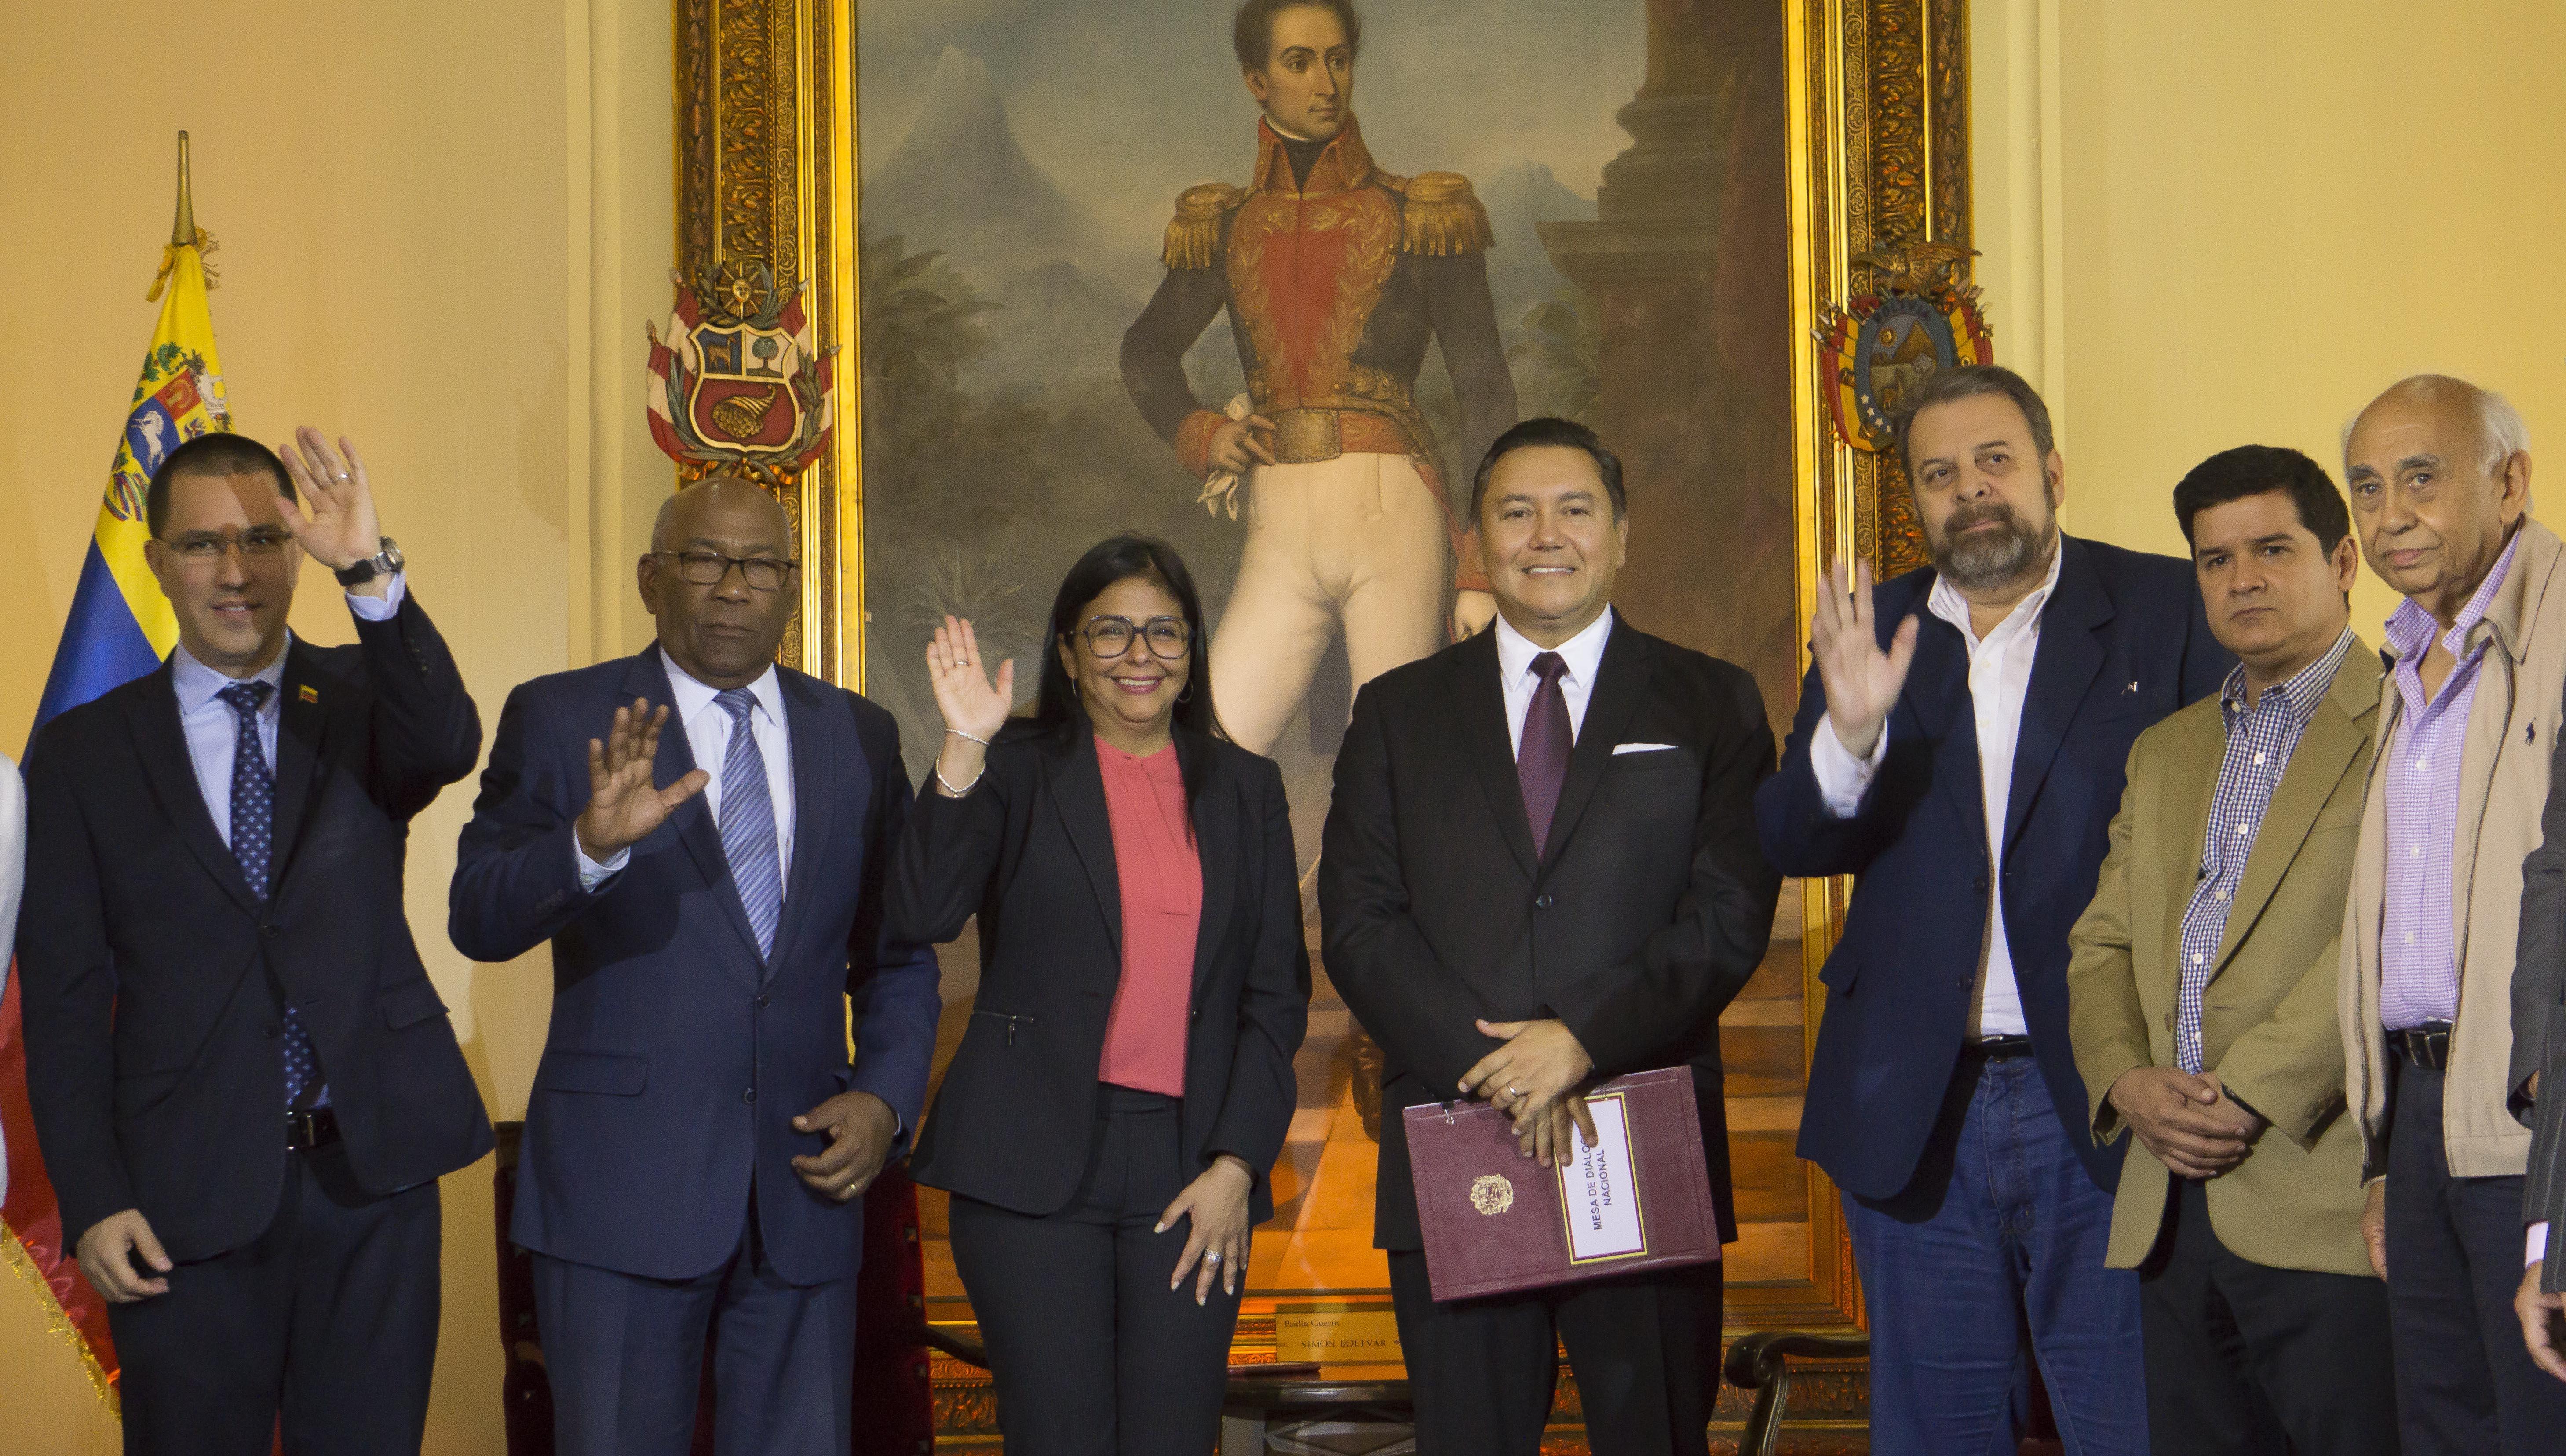 Excandidato presidencial Javier Bertucci se adhiere a acuerdo entre Gobierno y oposición en Venezuela